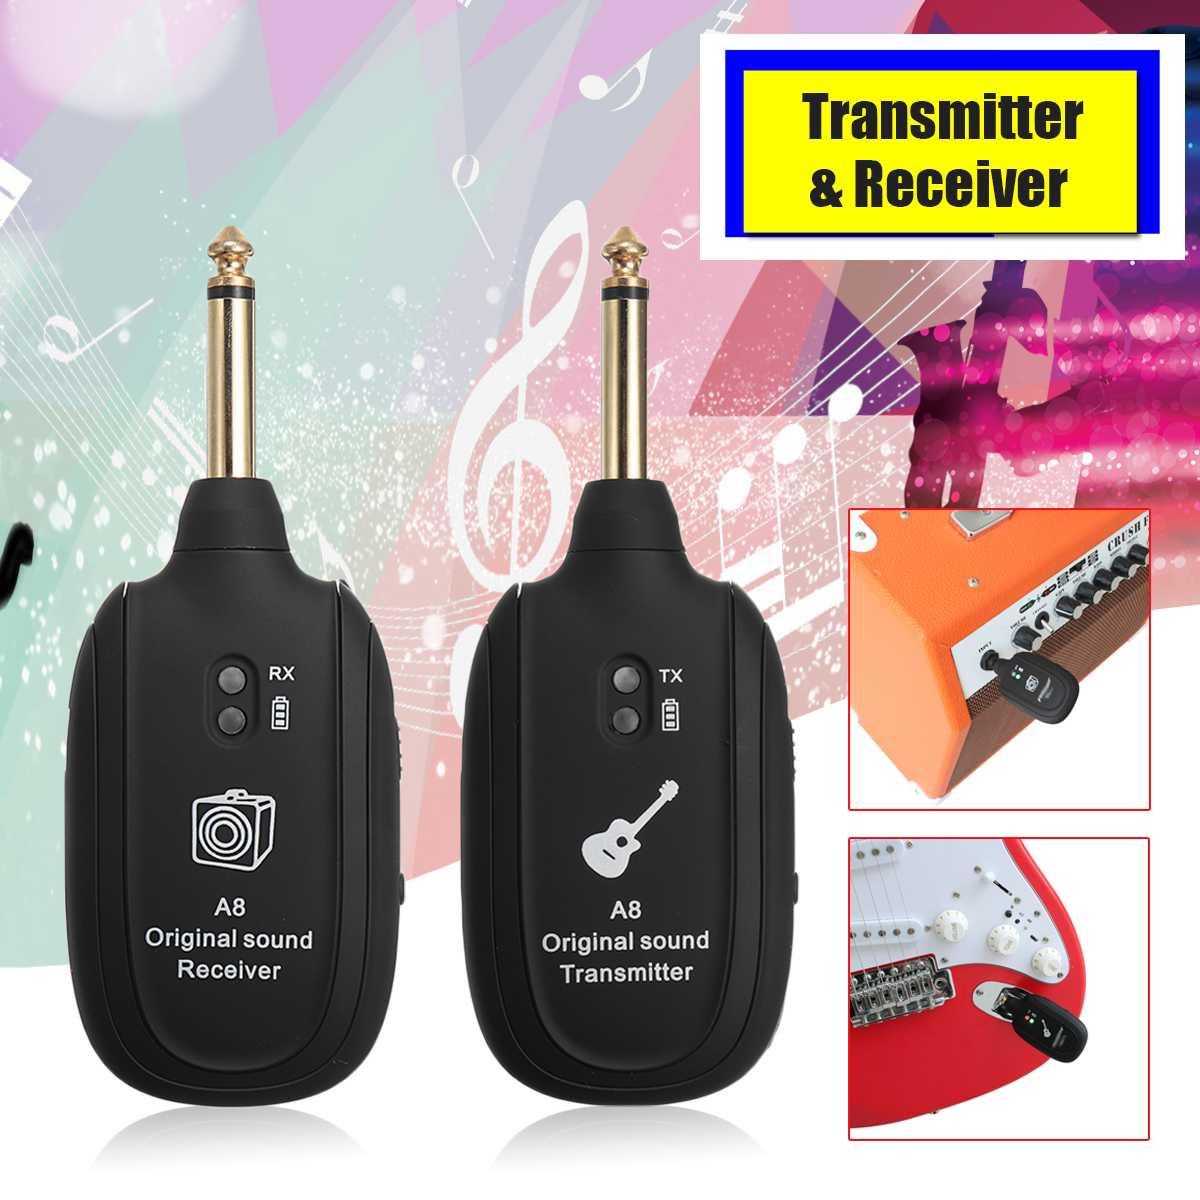 Gehemmt Verlegen Audio Transmitter Wireless Receiver System Für Gitarre Violine Elektrische Instrument Unterstützt 4 Sets Licht Gewicht Anti-jamming HöChste Bequemlichkeit Befangen Selbstbewusst Unsicher